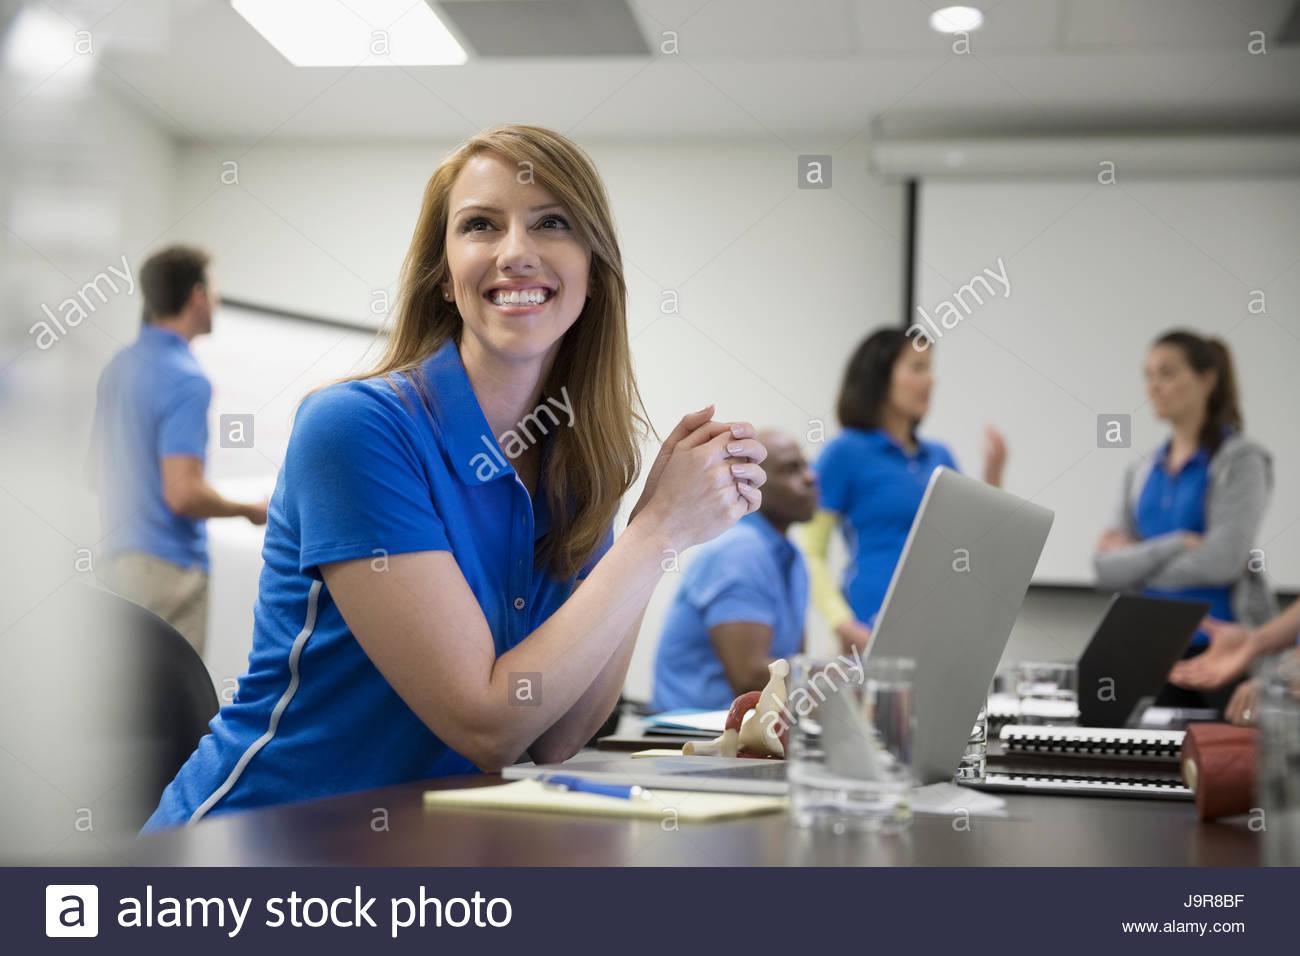 Sonriente femenino centrado fisioterapeuta con laptop en la sala de reunión de formación Imagen De Stock